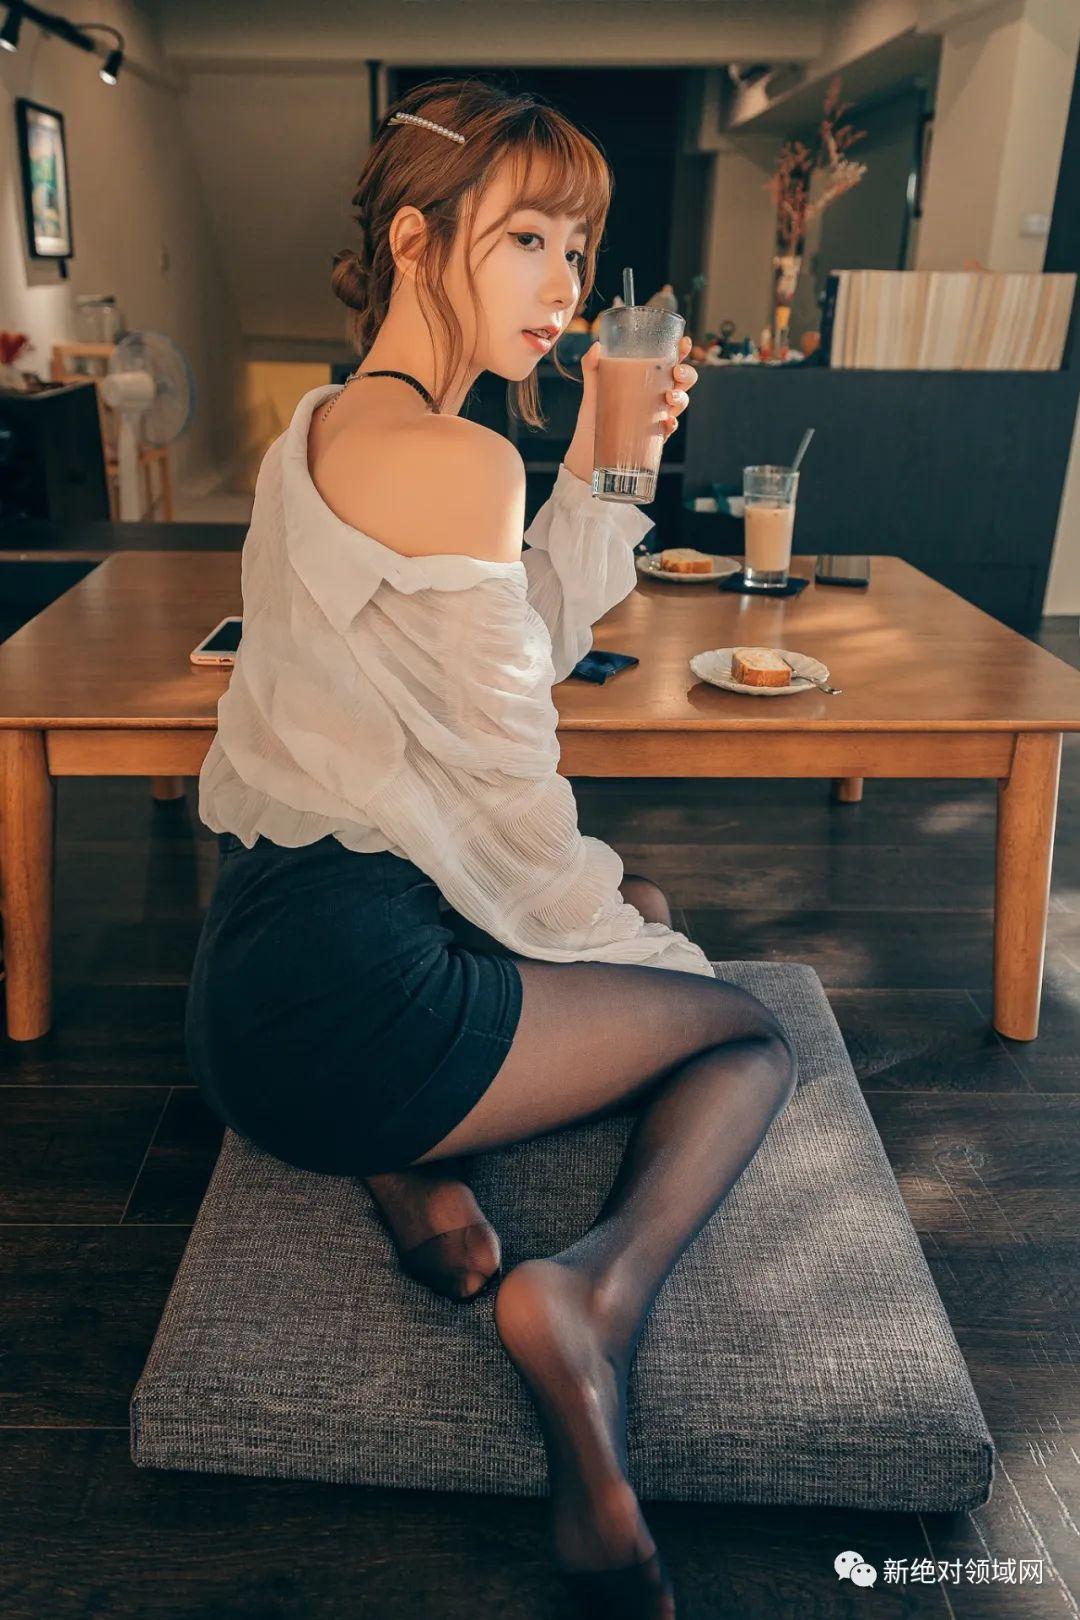 妹子摄影 – 半露的香肩,OL裙黑丝,性感的味道_图片 No.6